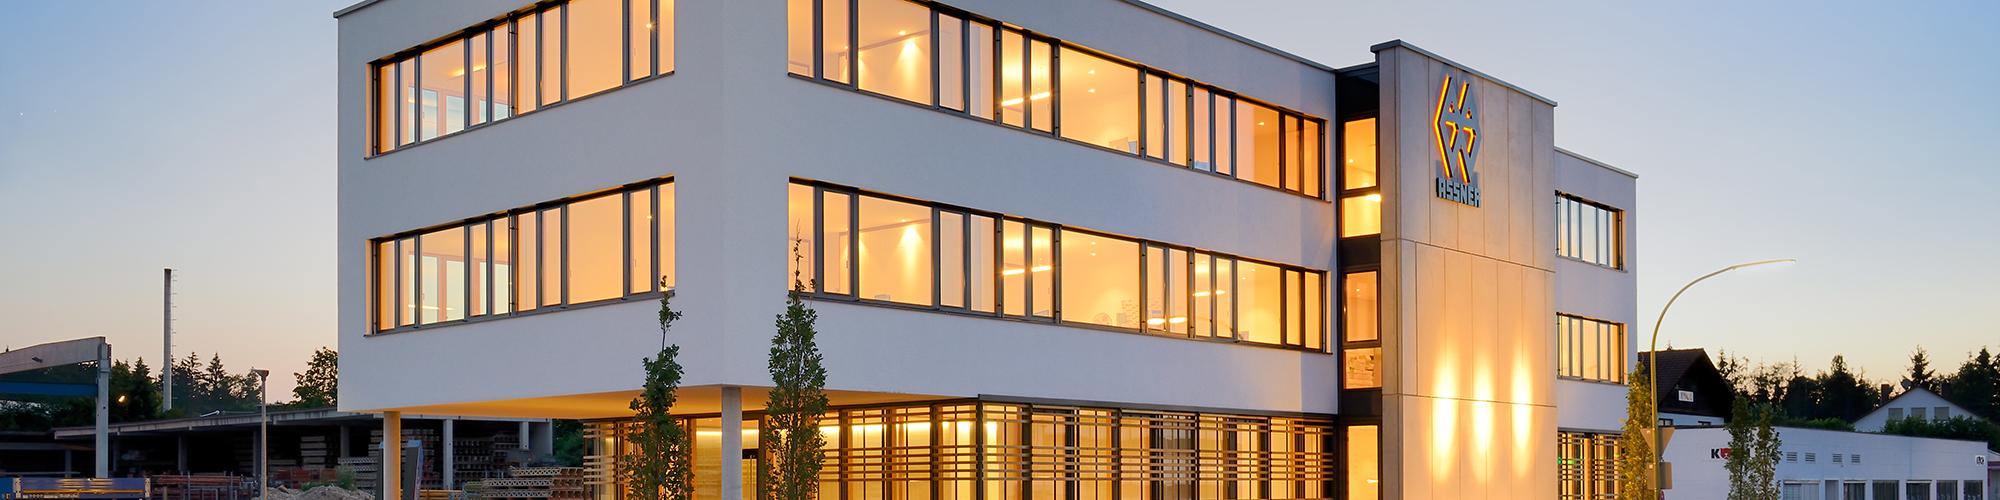 Hermann Assner GmbH & Co. KG